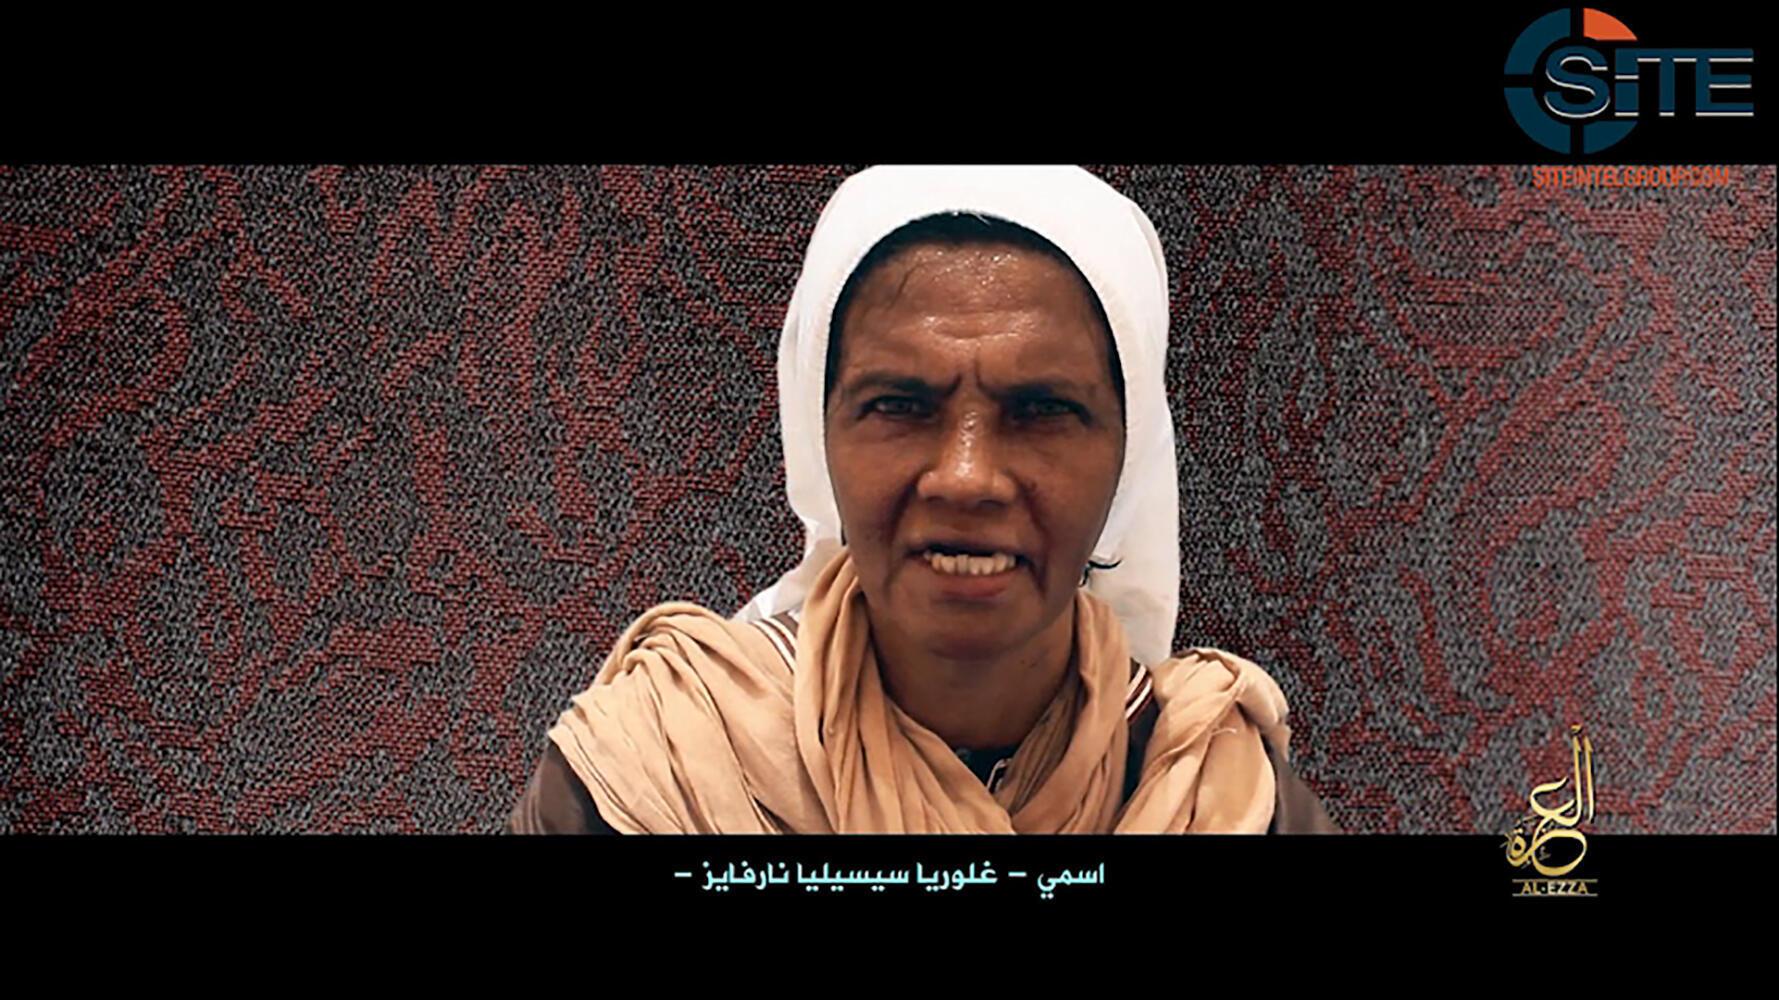 Captura de pantalla de un video de prueba de supervivencia de la monja colombiana Gloria Cecilia Narváez, mientras estuvo secuestrada por yihadistas en Mali.